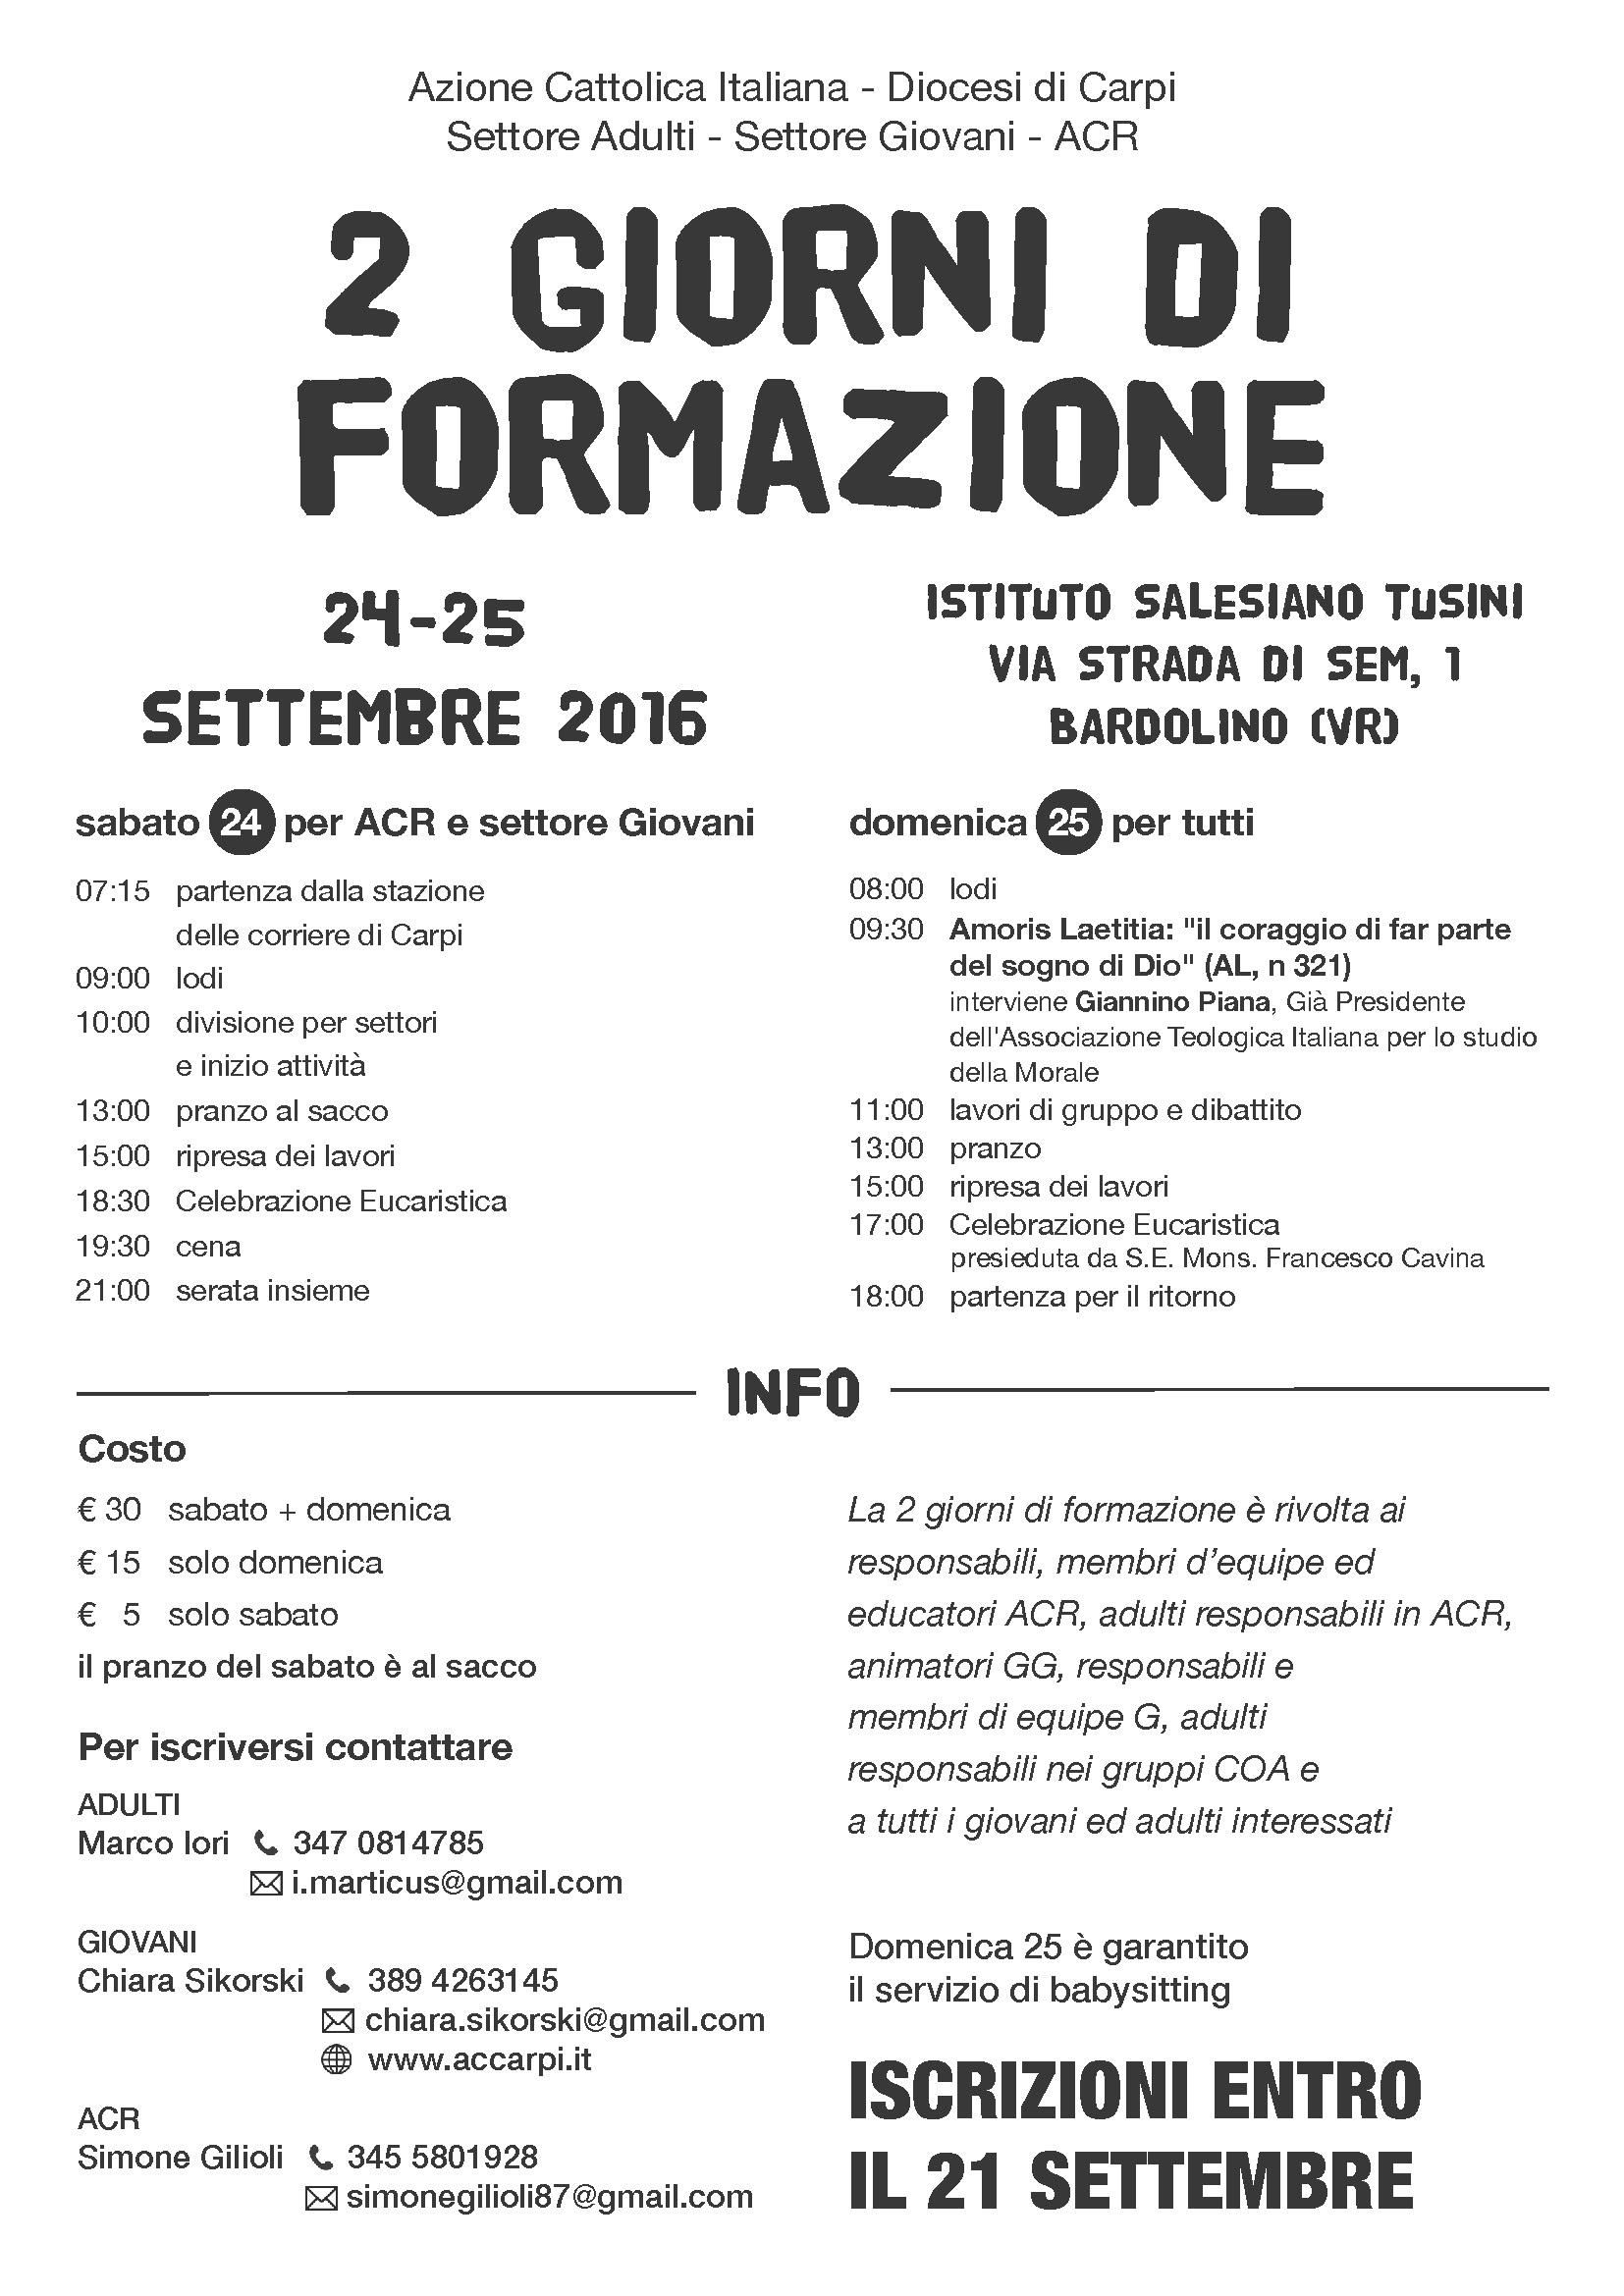 AC diocesi di Carpi - 2 giorni di formazione settembre 2016